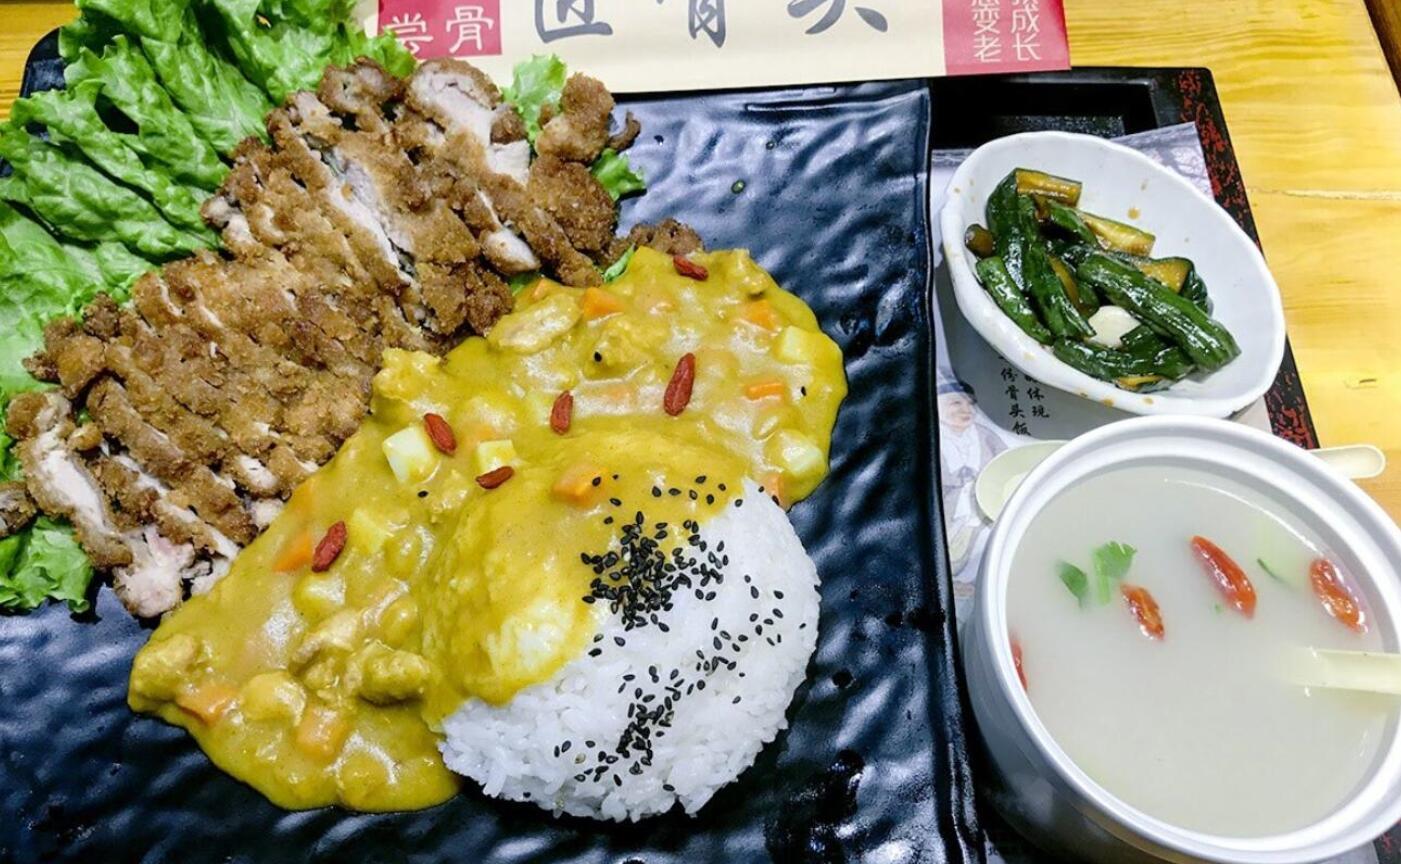 口碑好的餐饮加盟天津微速通餐饮提供-餐饮加盟多少钱